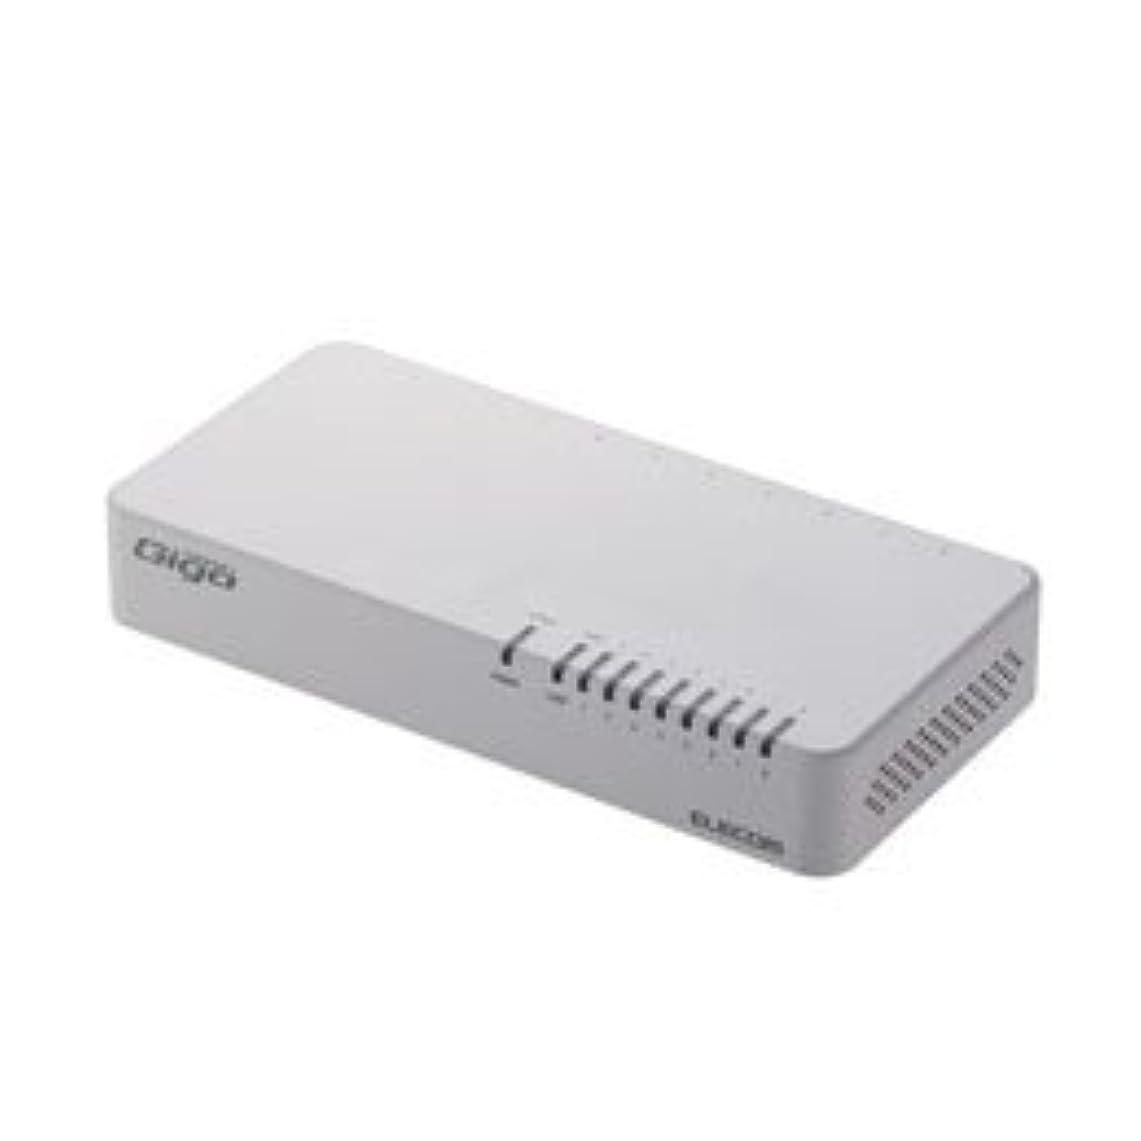 占めるページ文【まとめ 5セット】 エレコム Giga対応スイッチングHub/8ポート/プラスチック筐体/磁石付き/電源内蔵モデル/ホワイト EHC-G08PN2-JW